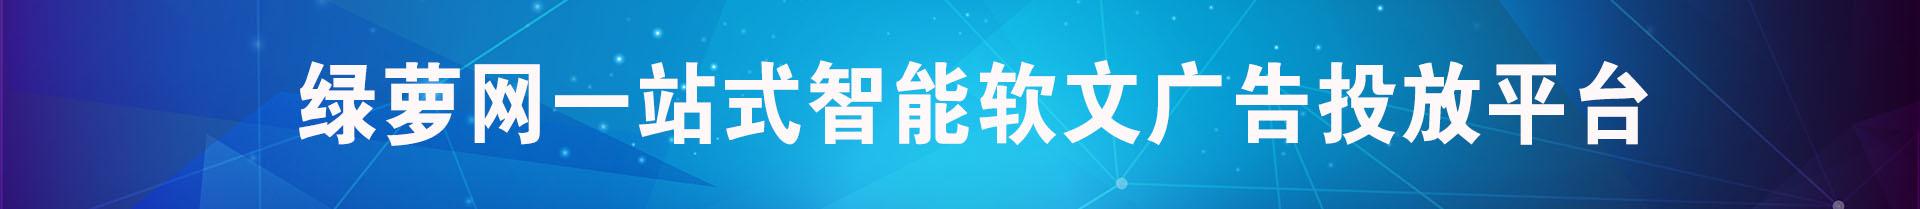 绿萝网为软文营销专业推广公司